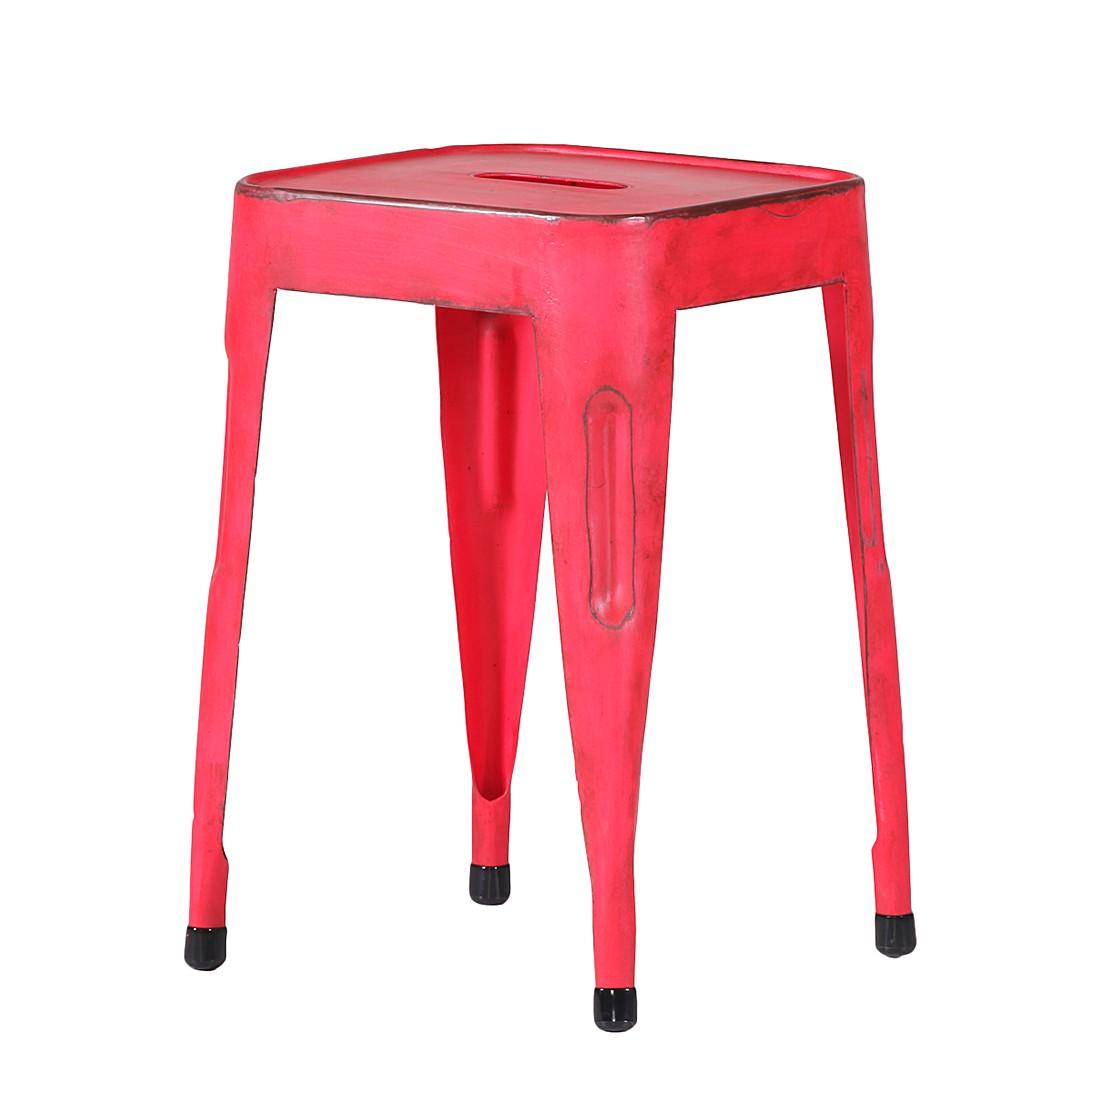 Hocker Lado – Rot lackiert, furnlab günstig bestellen